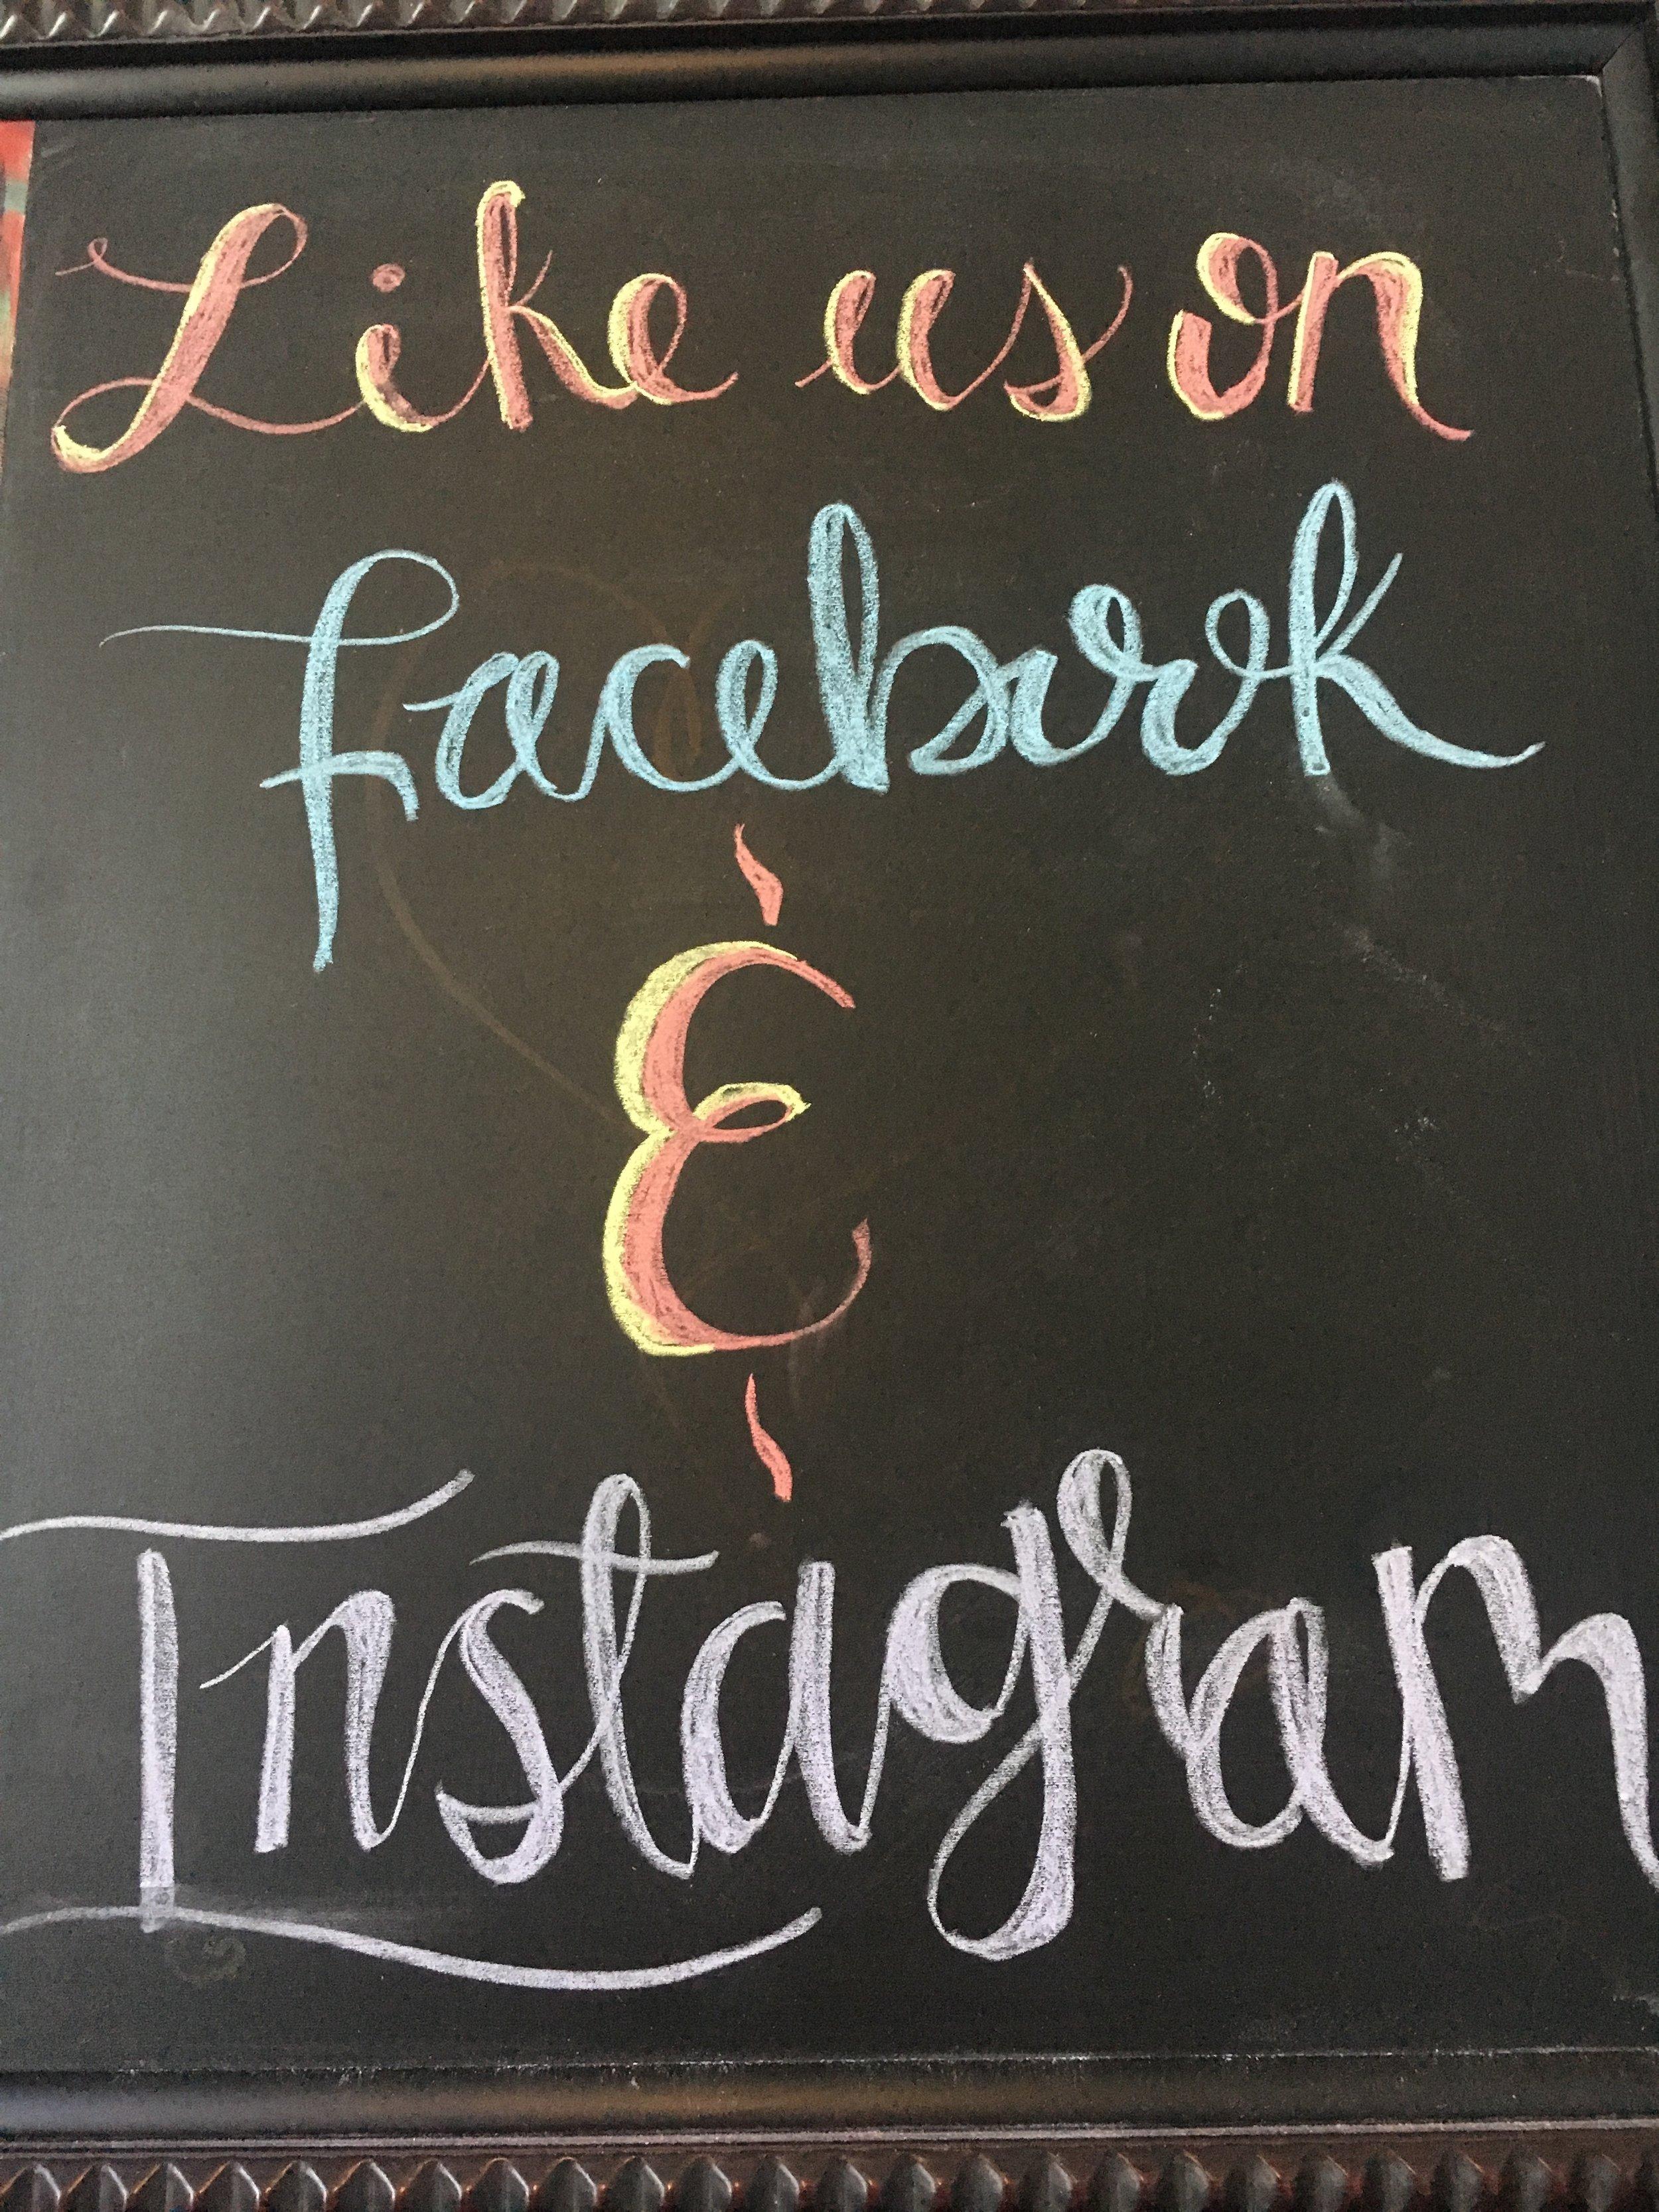 Facebook-Instagram-Pure-Liquid.JPG